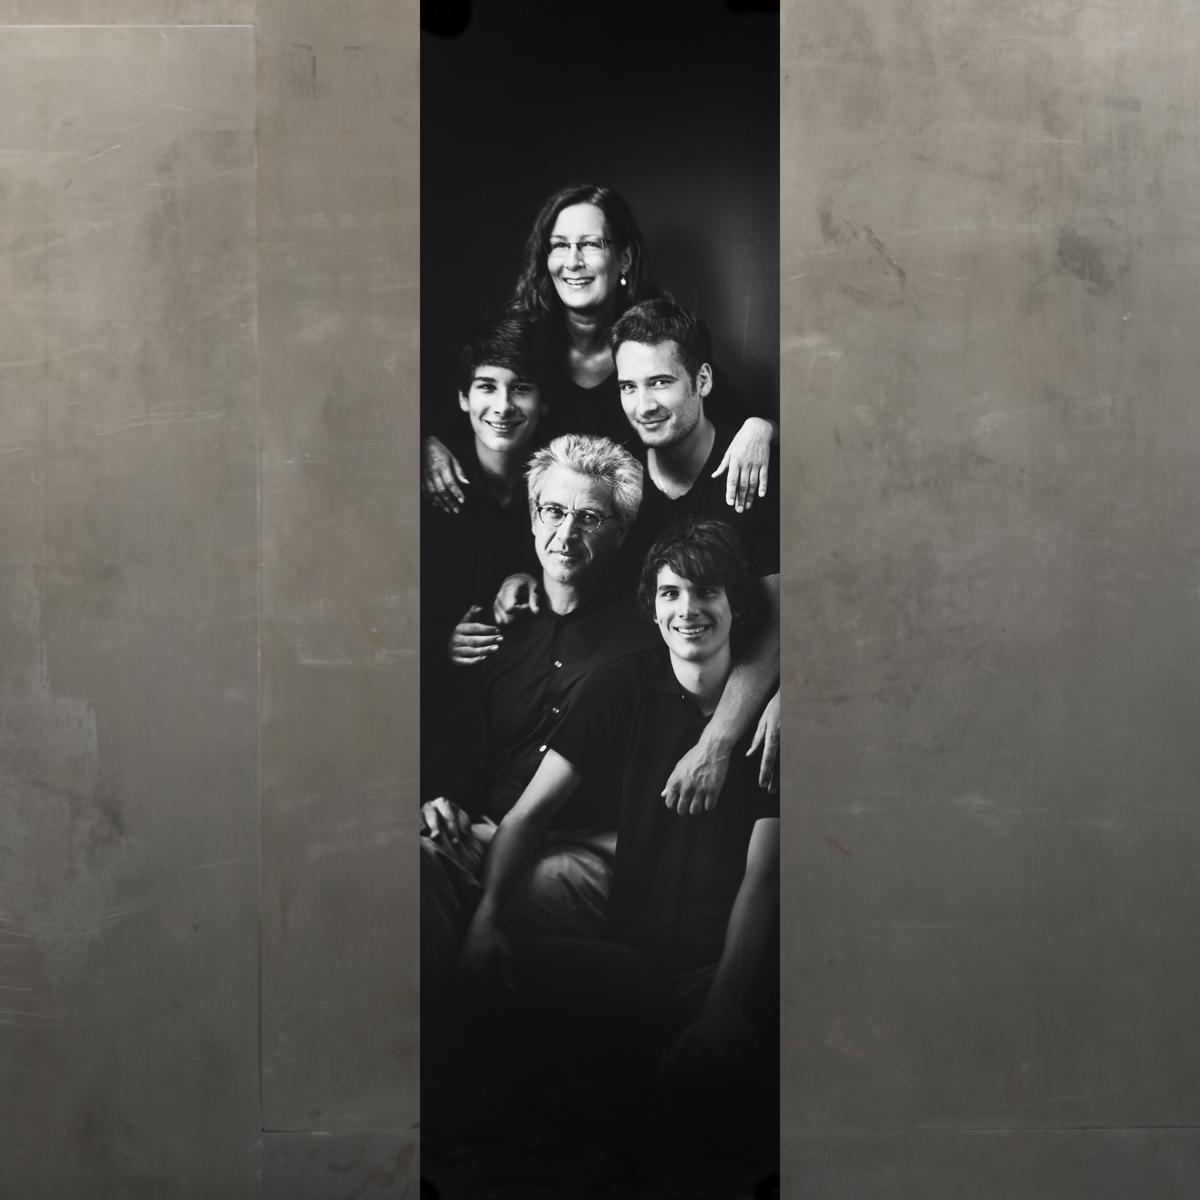 Familie in der Imago Camera von Susanna Kraus